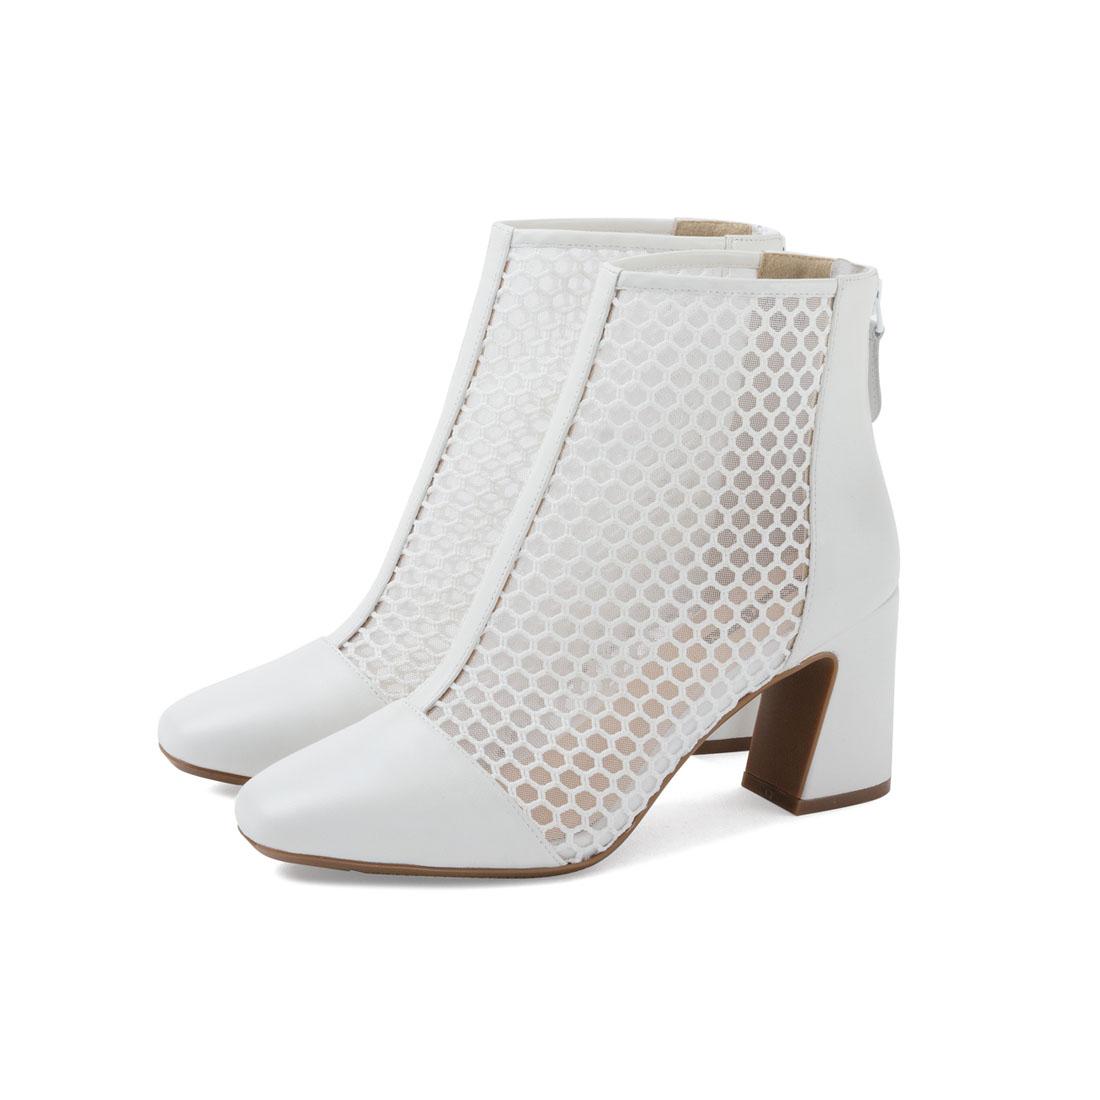 羊革 透け感ラウンドショートブーツ(7.5cm太めヒール) ホワイト